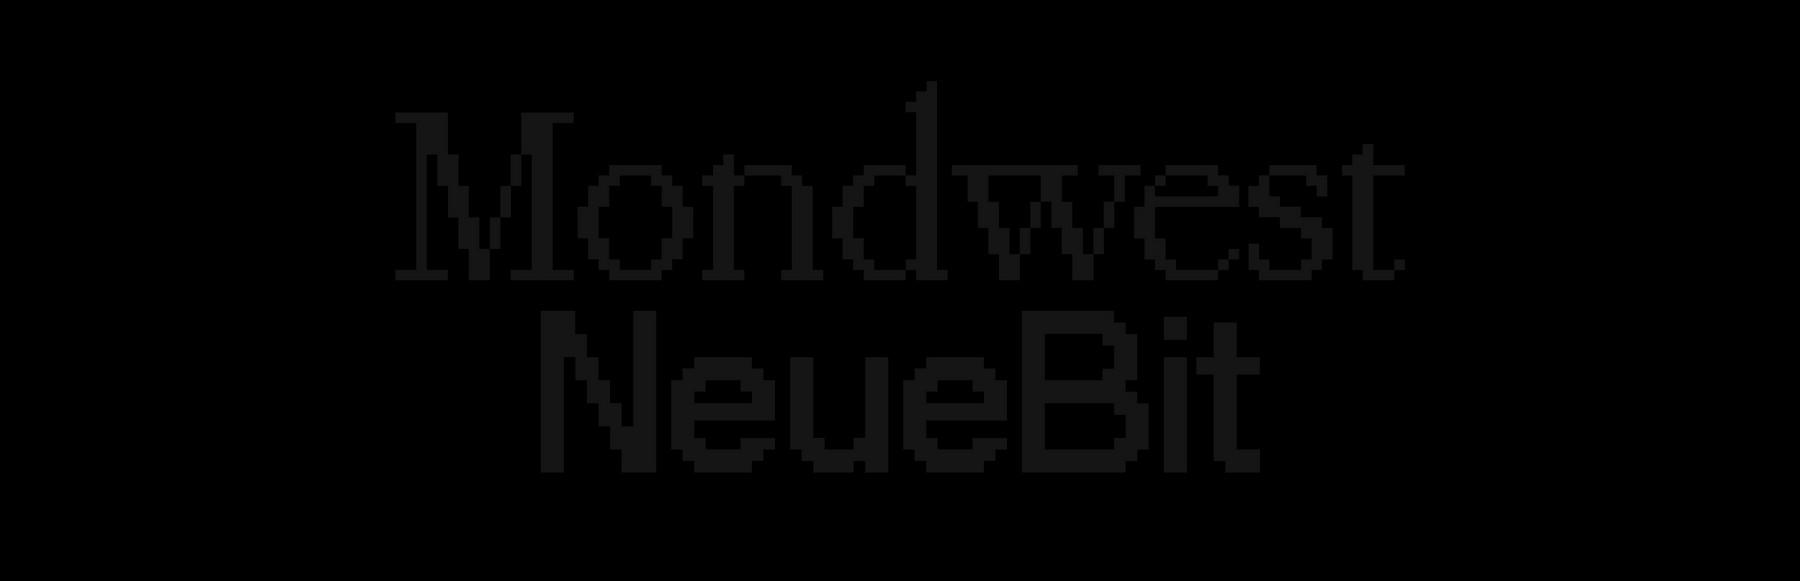 neuebit-font-cover_047107ef-b6e1-446f-bb95-1130a913559a_4472x.png